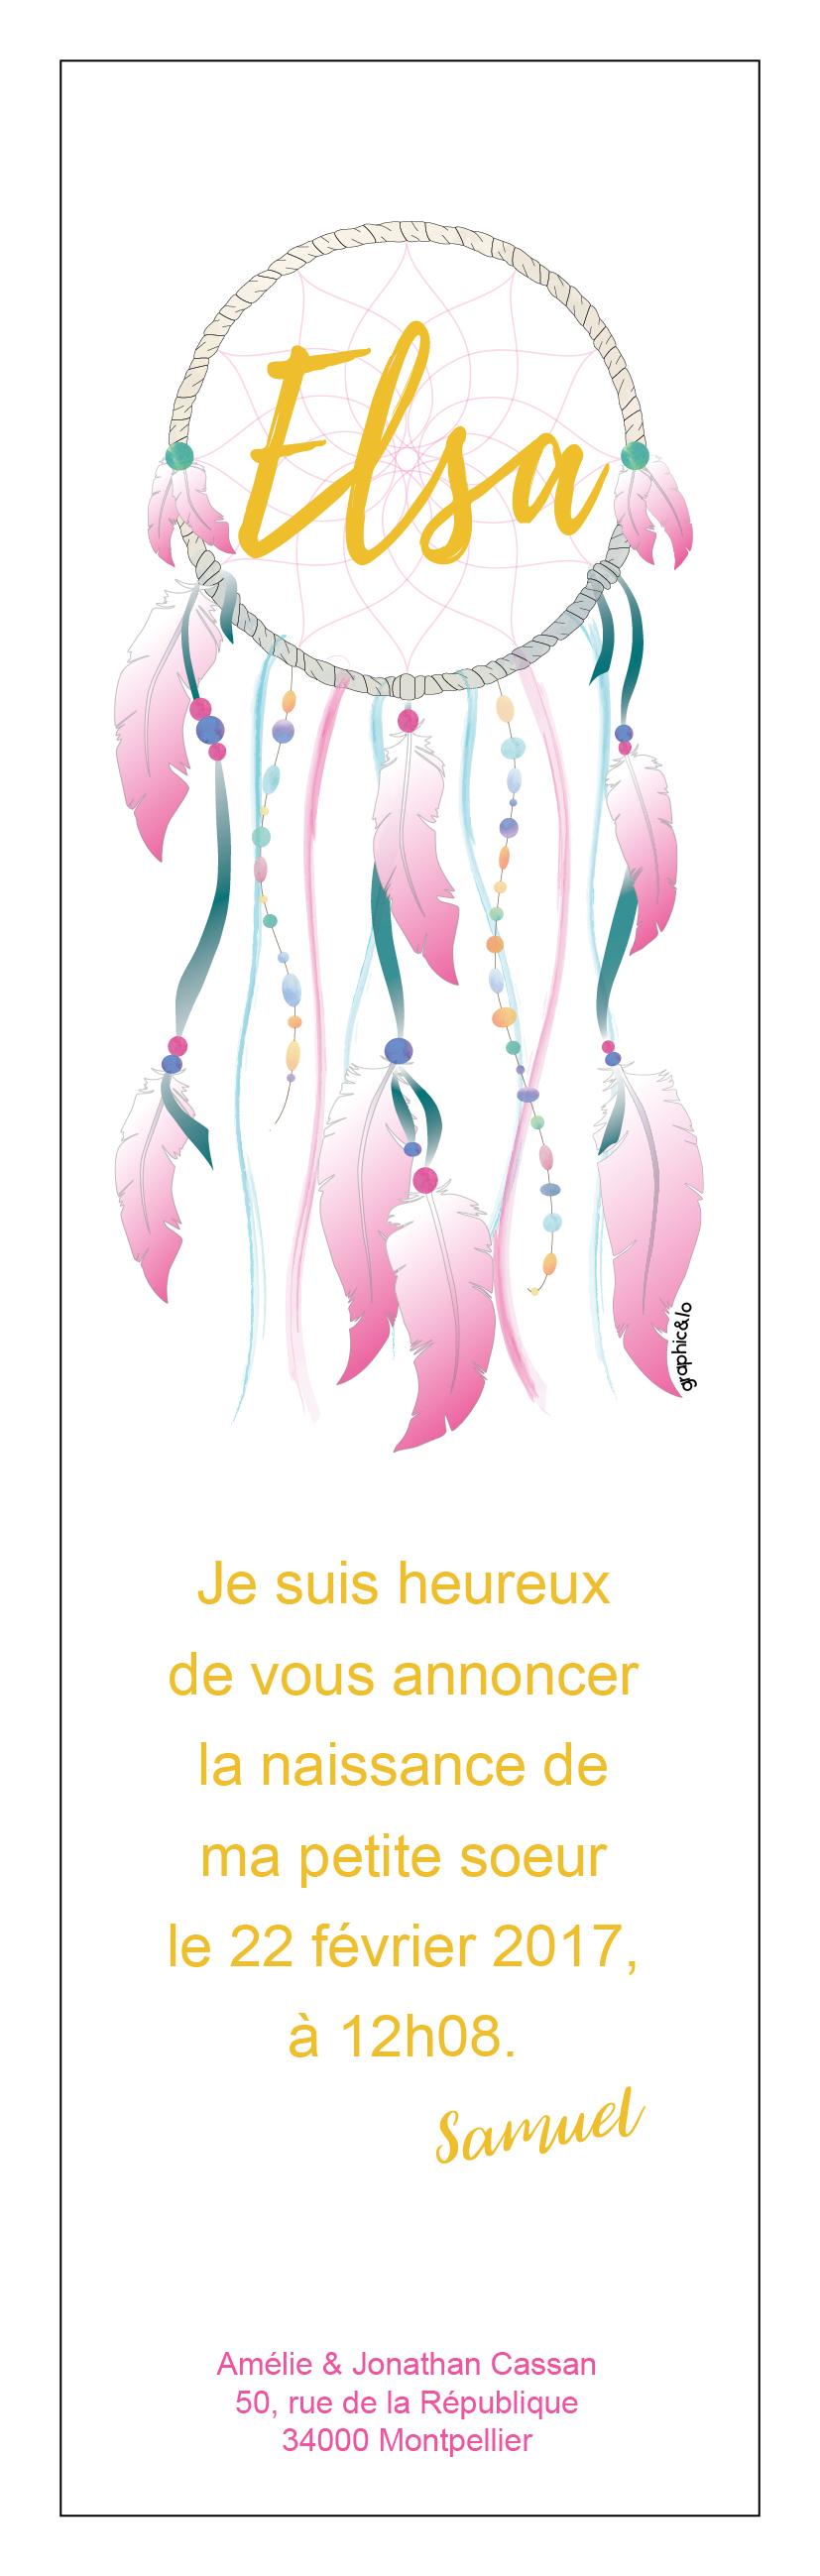 Graphiste-Montpellier-24, faire-part-naissance, papeterie-personnalisable, naissance, faire-part, faire-part-sur-mesure